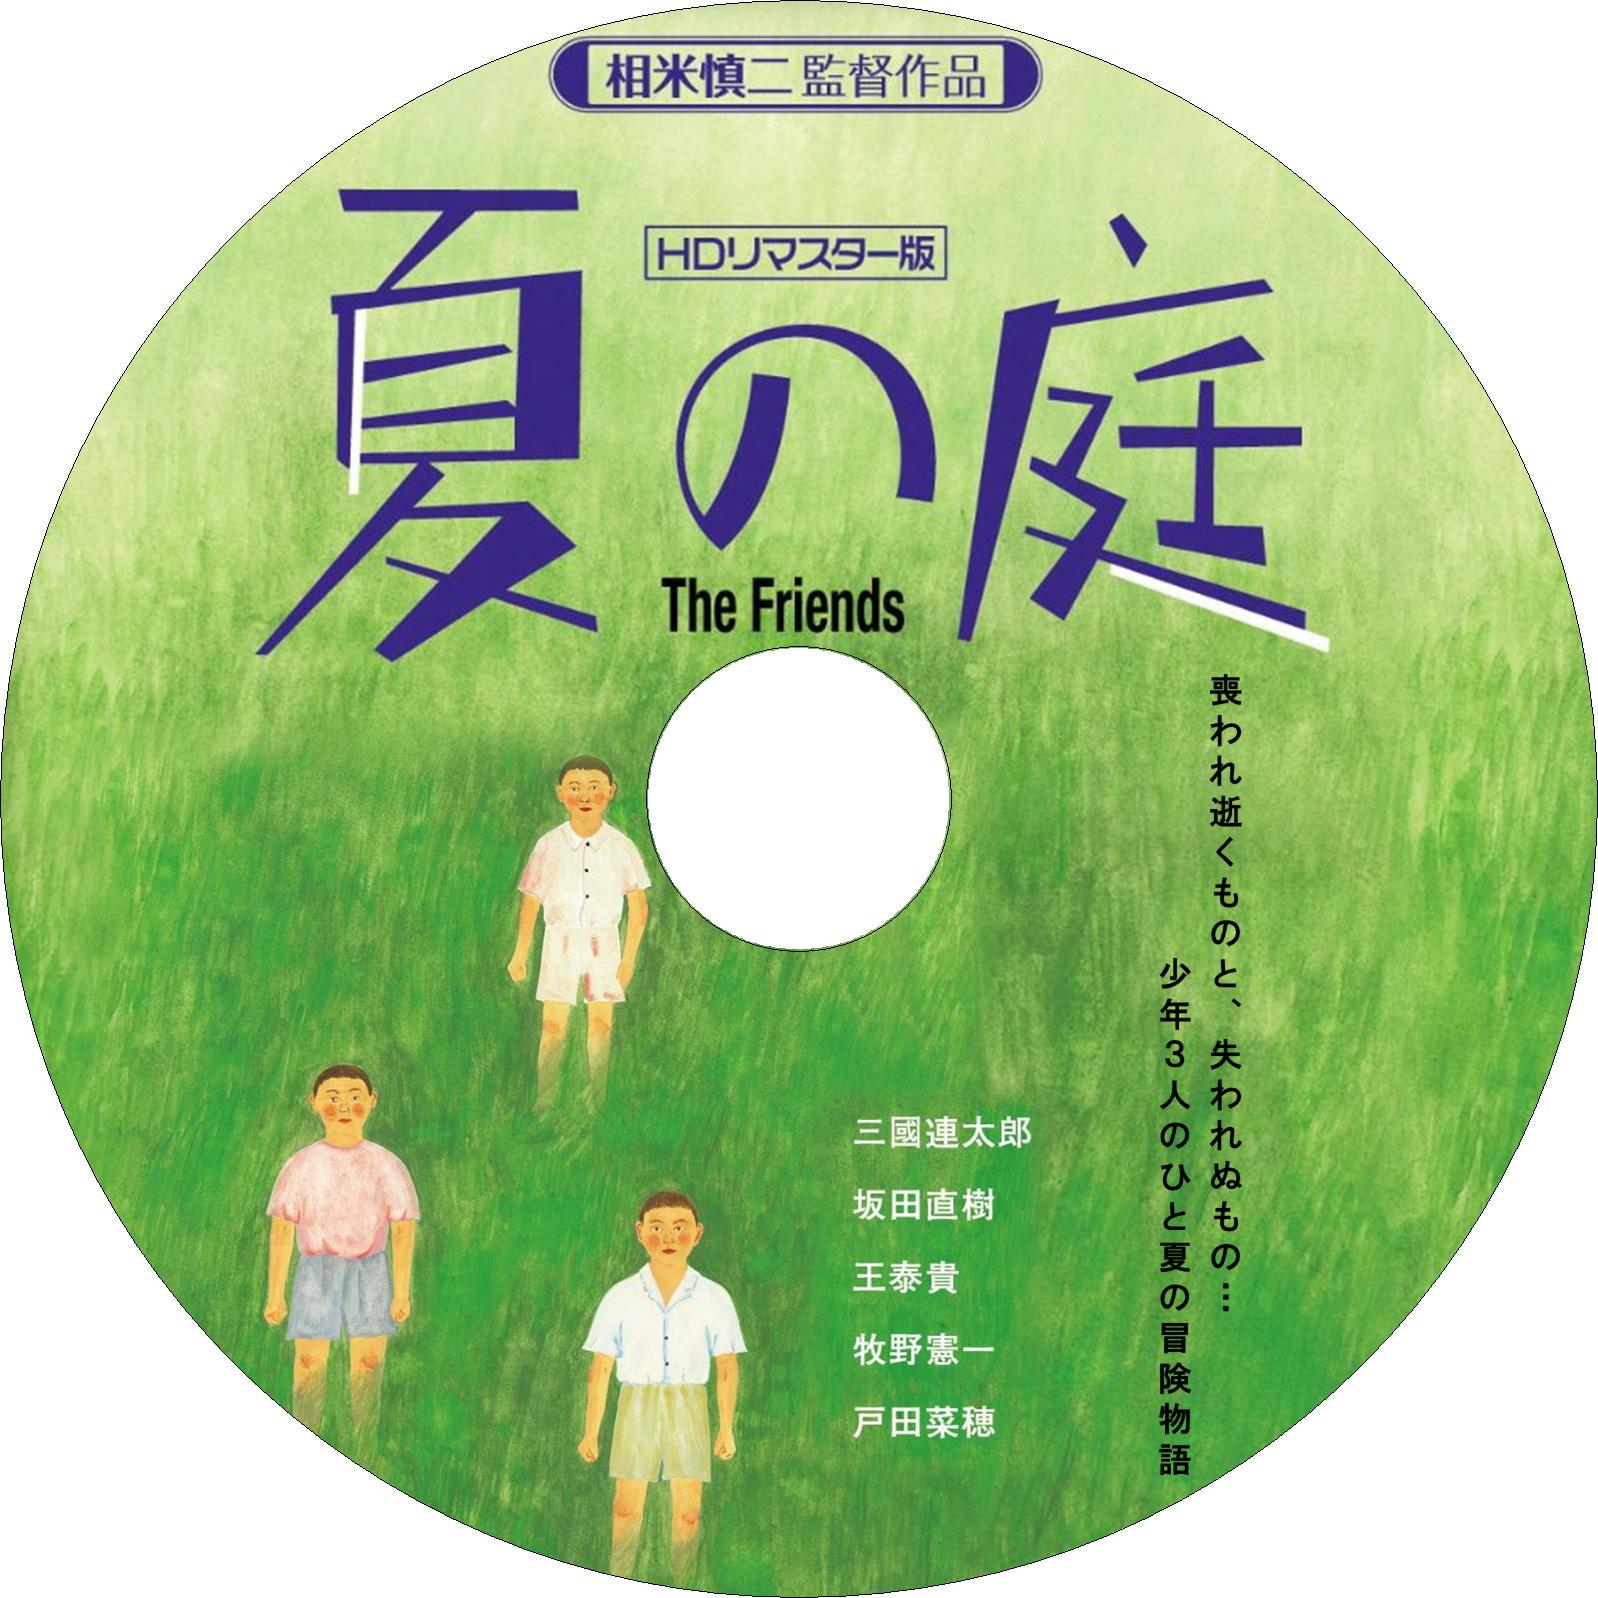 夏の庭 The Friends ラベル